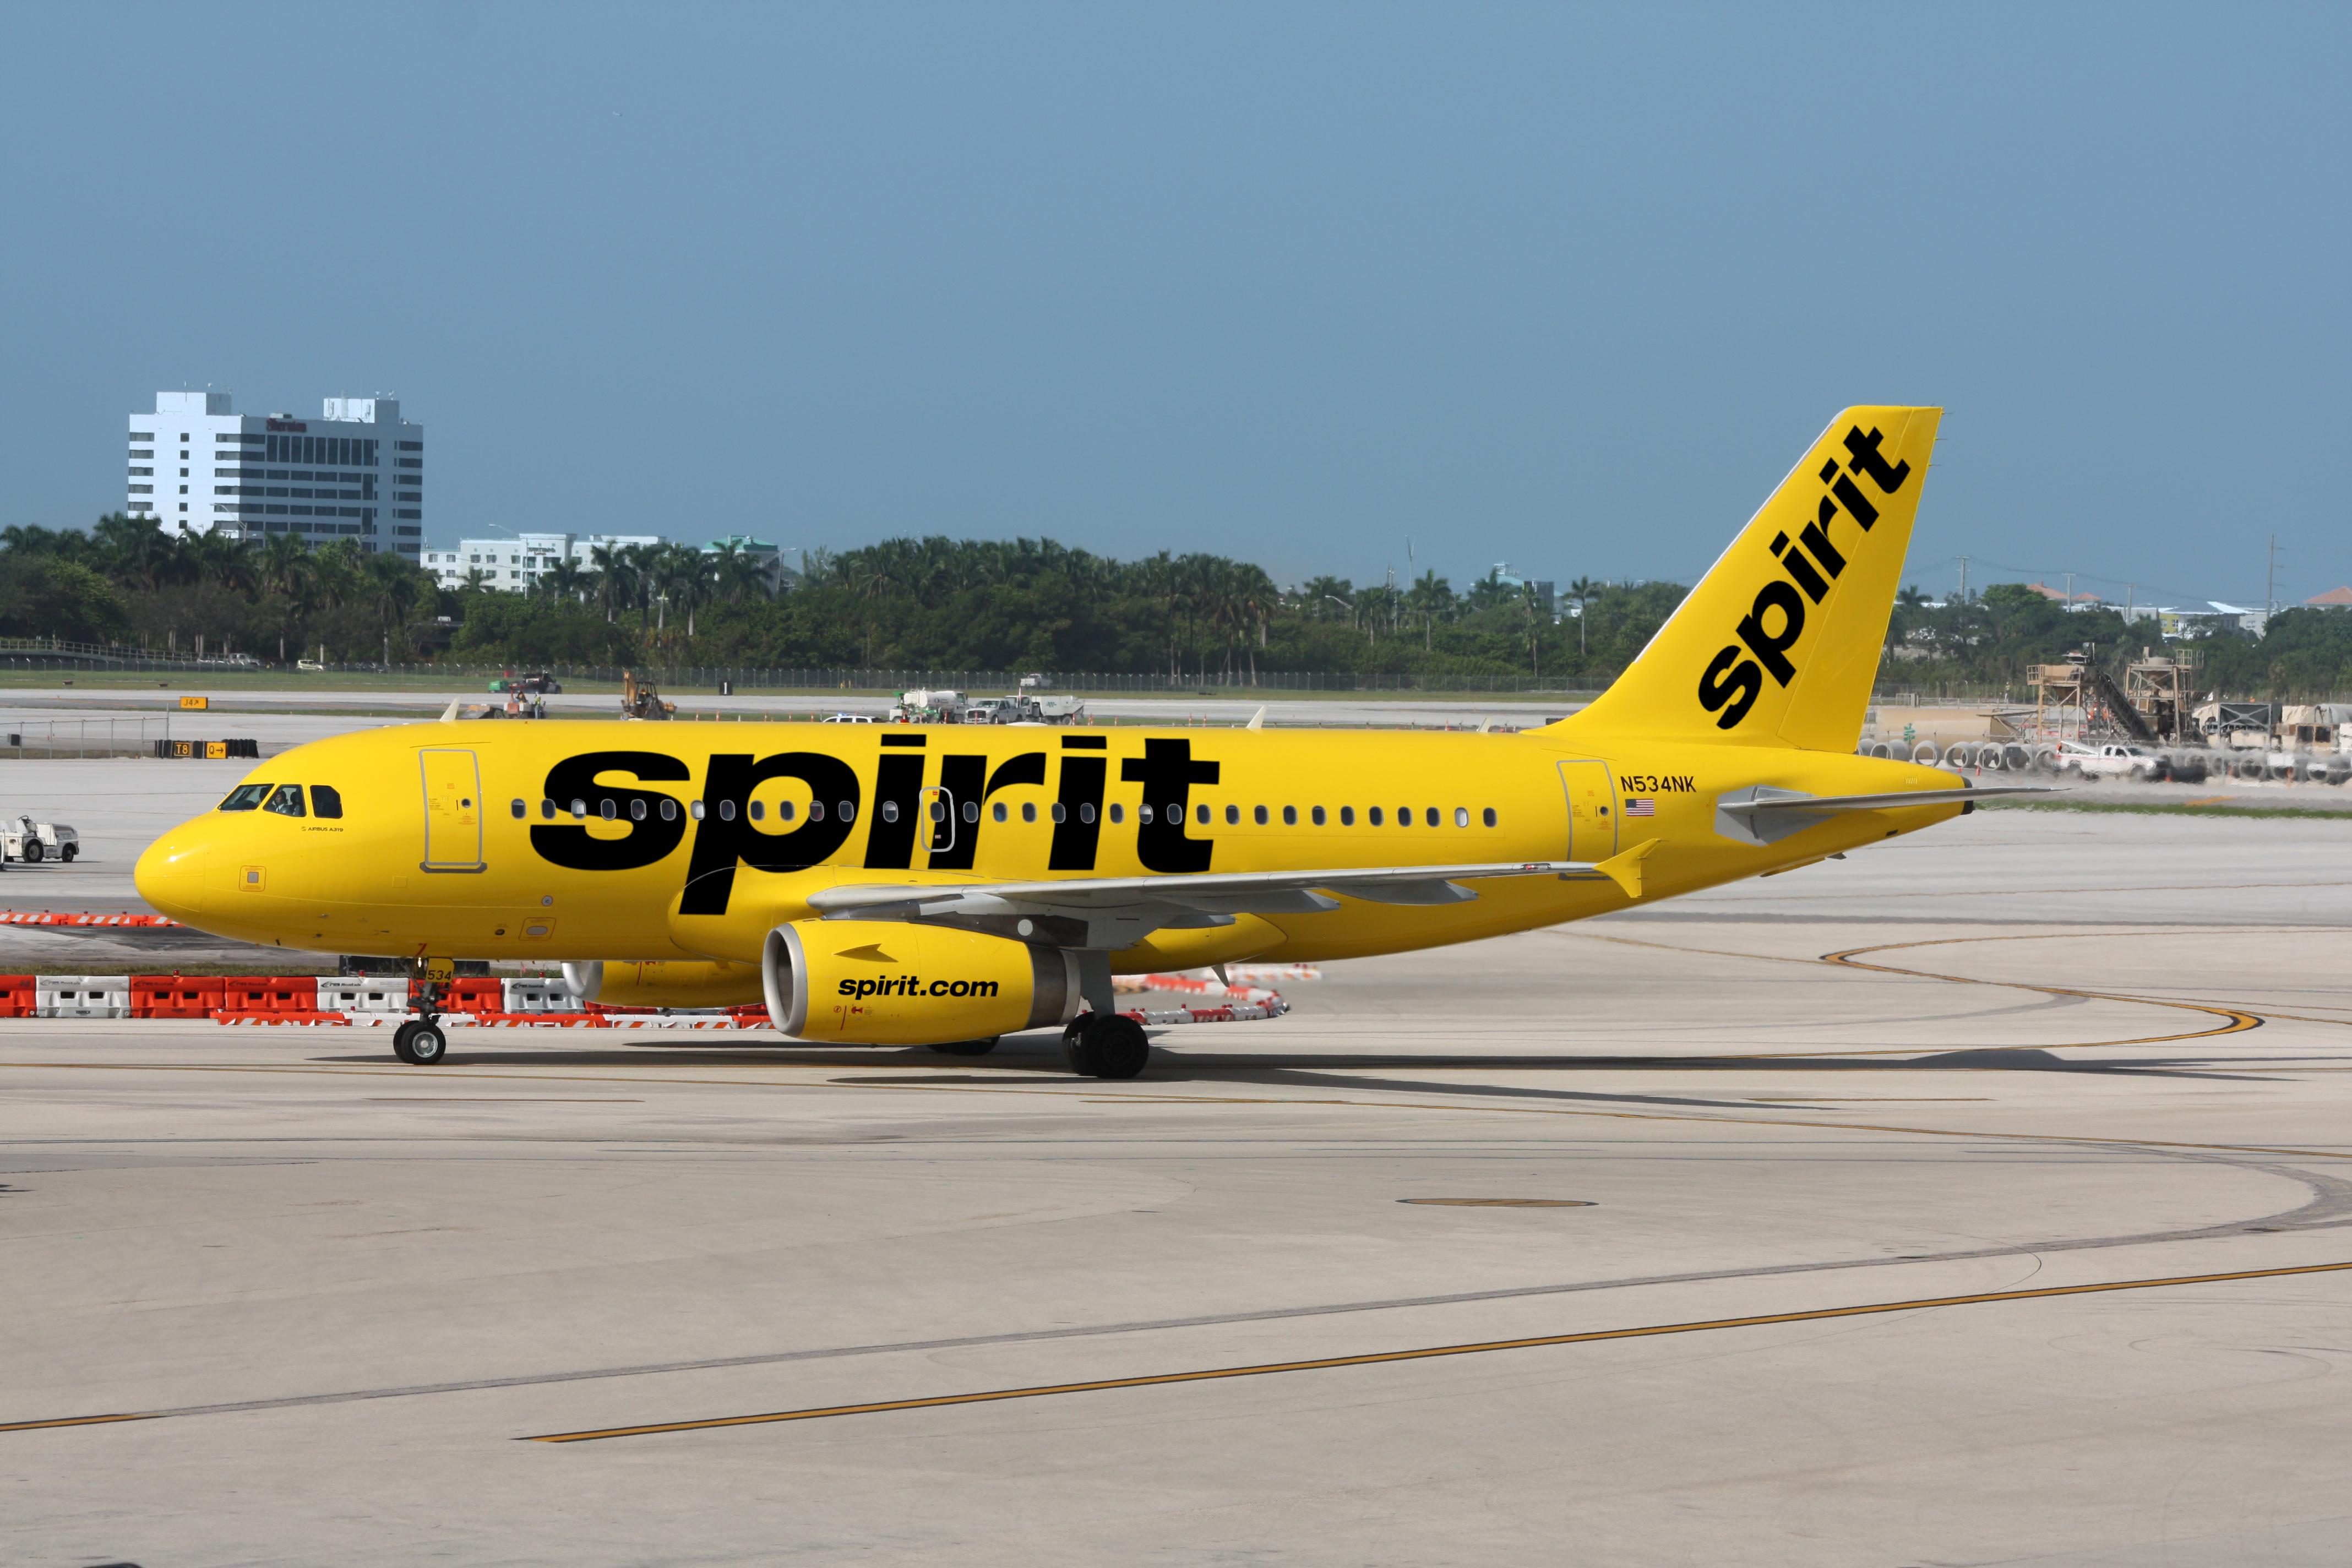 Spirit Airlines Inaugura Oficina de Ventas en la República Dominicana